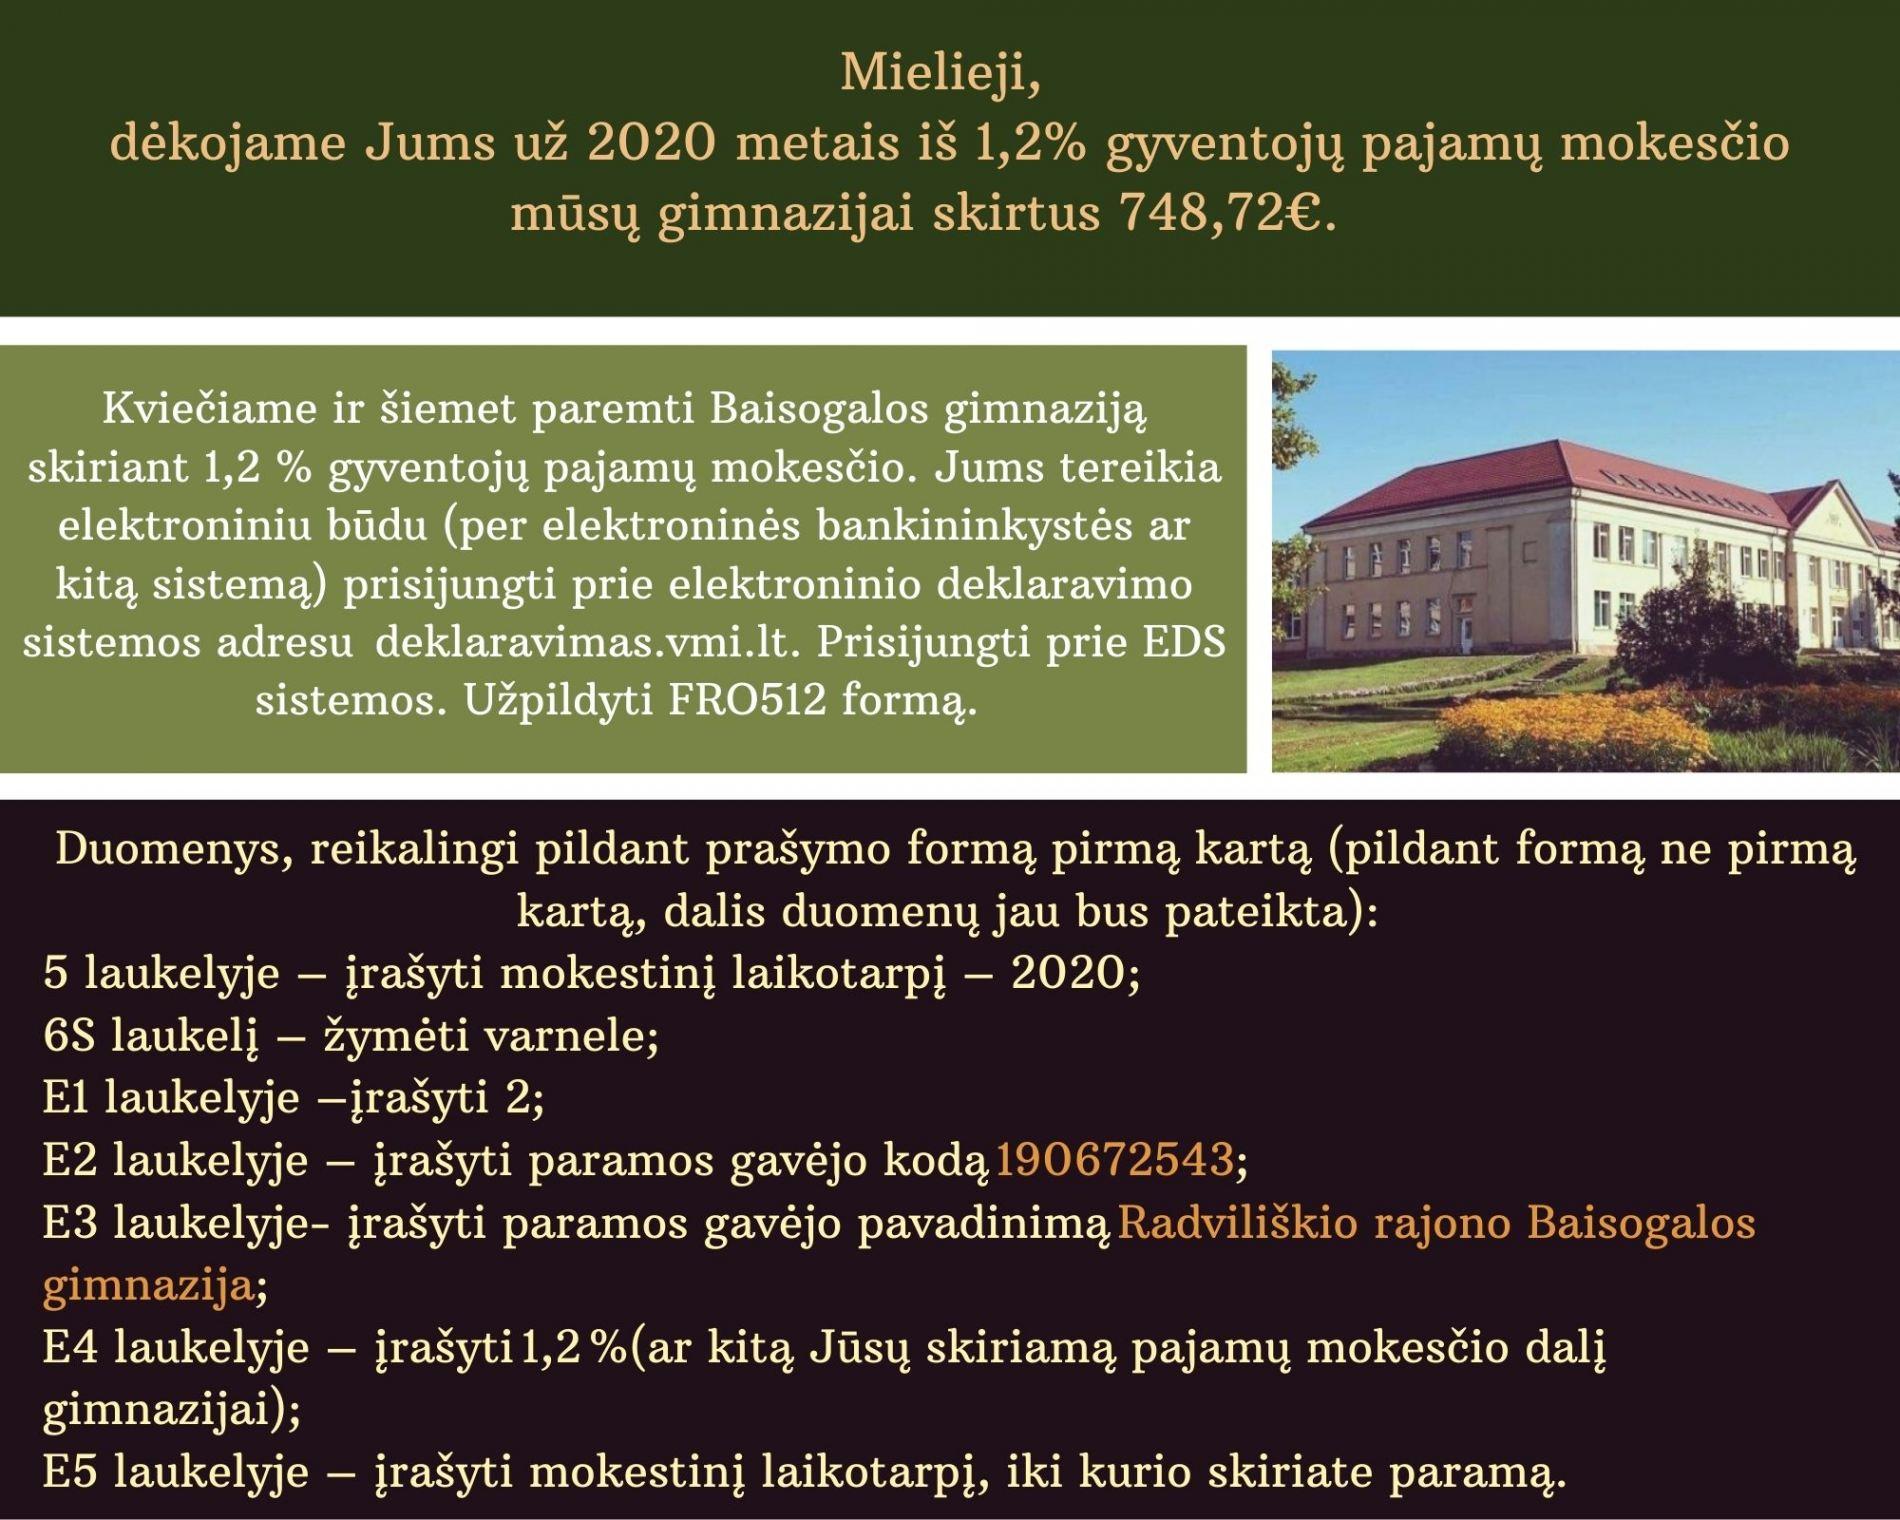 Mielieji, dėkojame Jums už 2020 metais iš 1,2% gyventojų pajamų mokesčio mūsų gimnazijai skirtus 748,72€. Šios lėšos, Gimnazijos tarybai pritarus, buvo panaudotos: įsigyta 33vnt. atmintukų ( 305,72€ ), įsigyta 13 vnt. dėžučių, skirtų mokinių telefonams